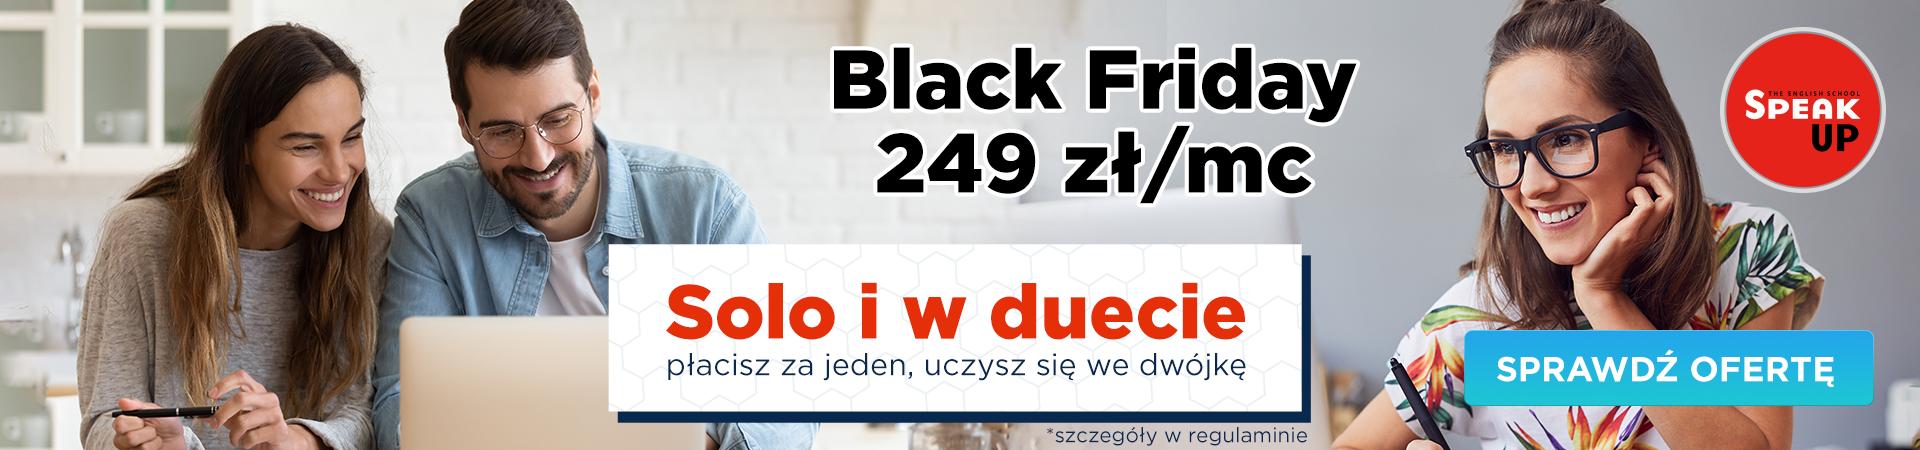 SU_Razem_slider_1920x450